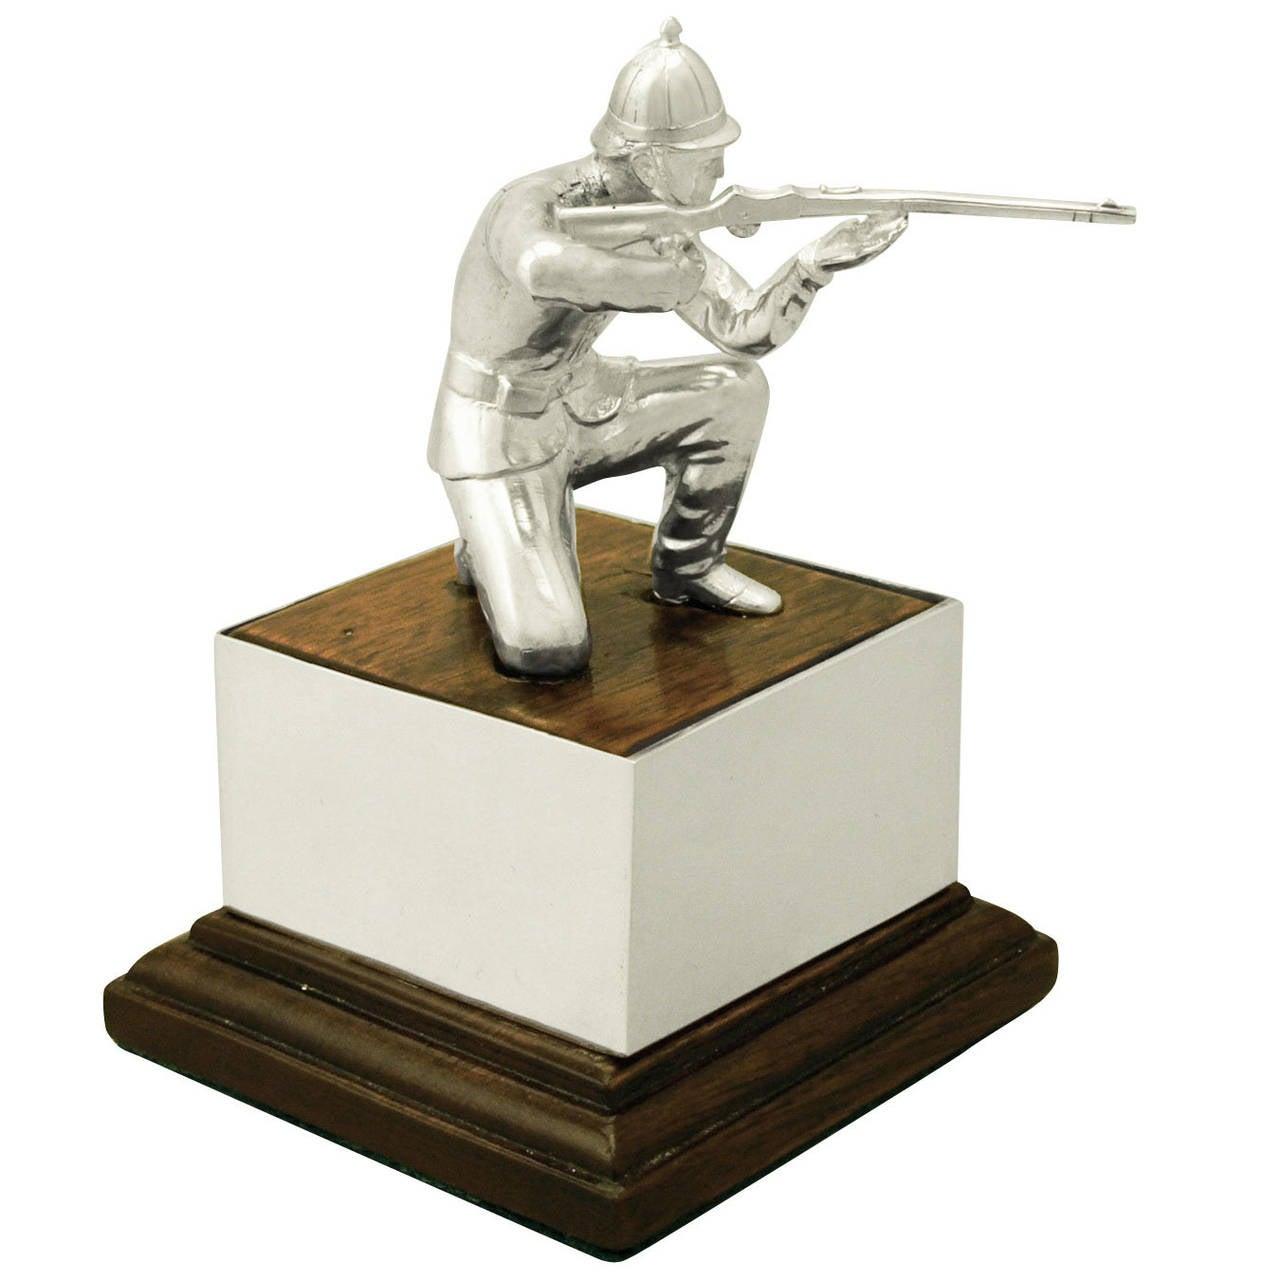 Sterling Silver 'Soldier' Presentation Trophy, Vintage Elizabeth II